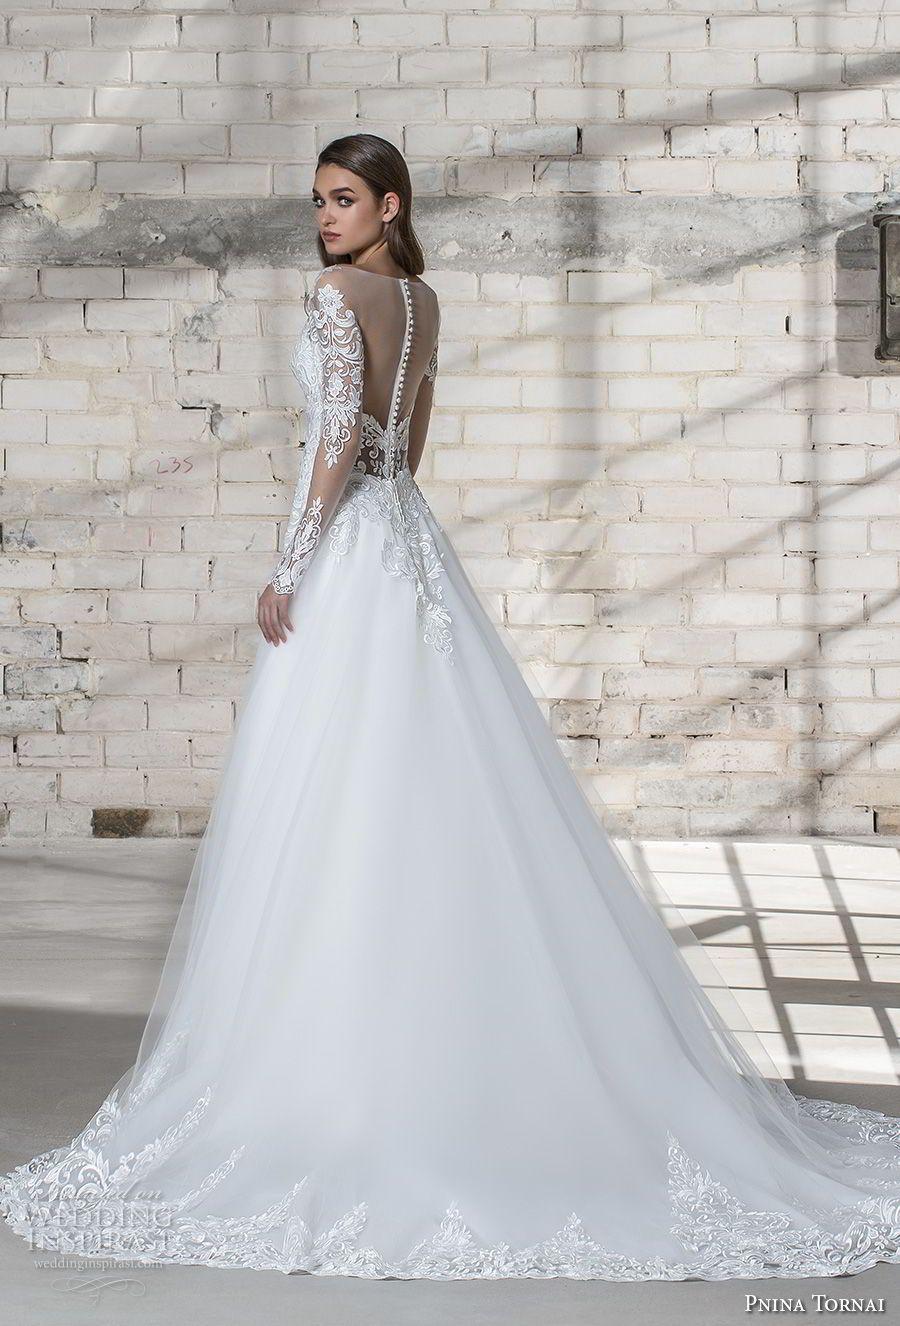 Hochzeitskleid Ausschnitt Tief  Friseur